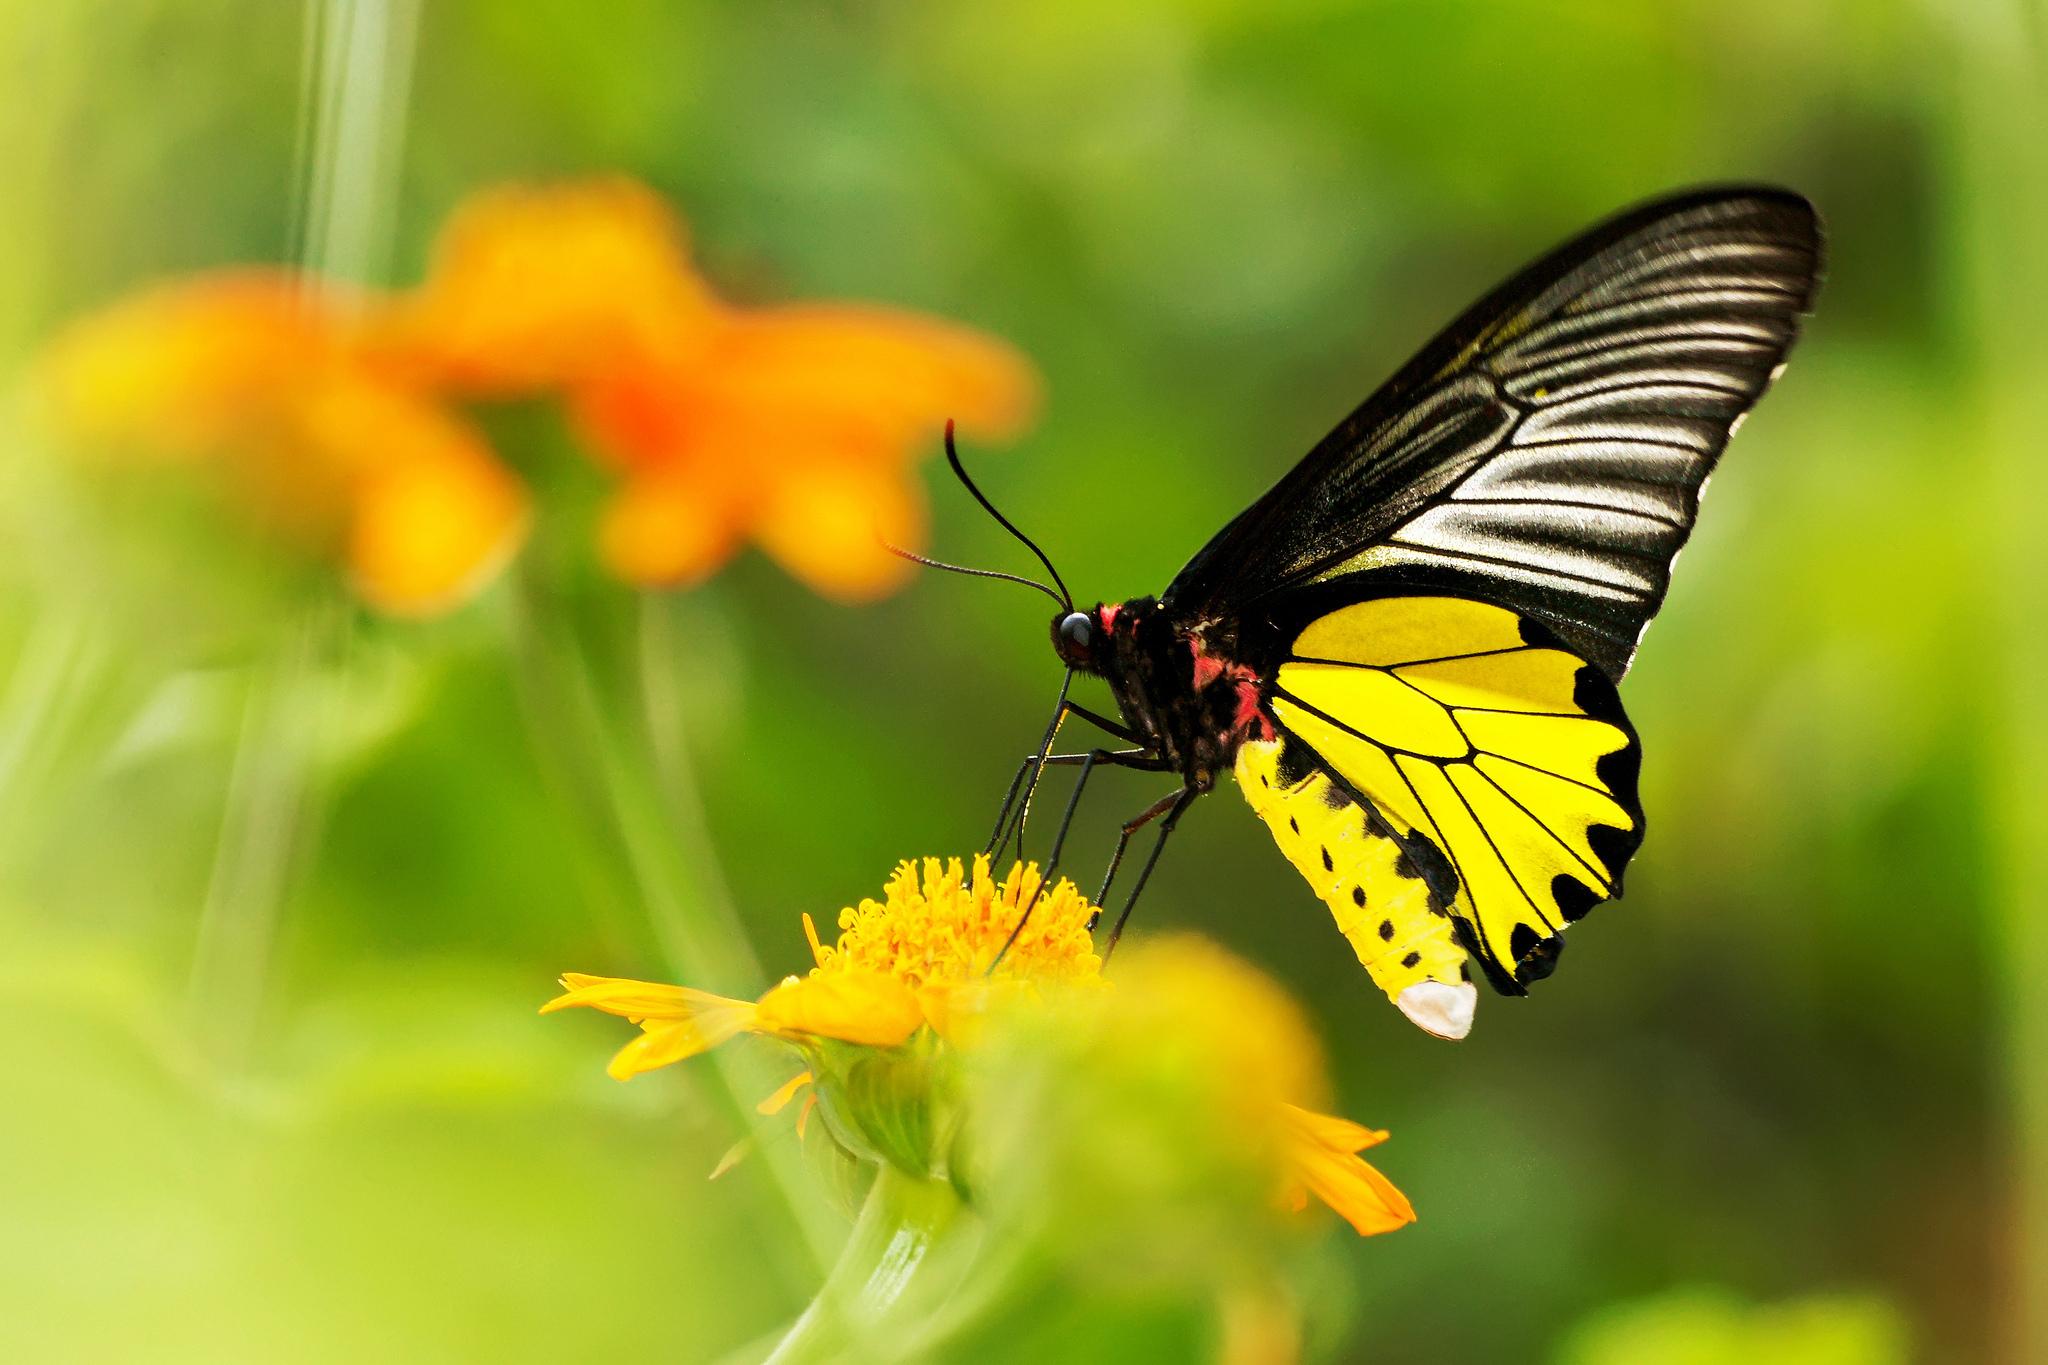 природа макро бабочка цветы желтые  № 1238580 загрузить